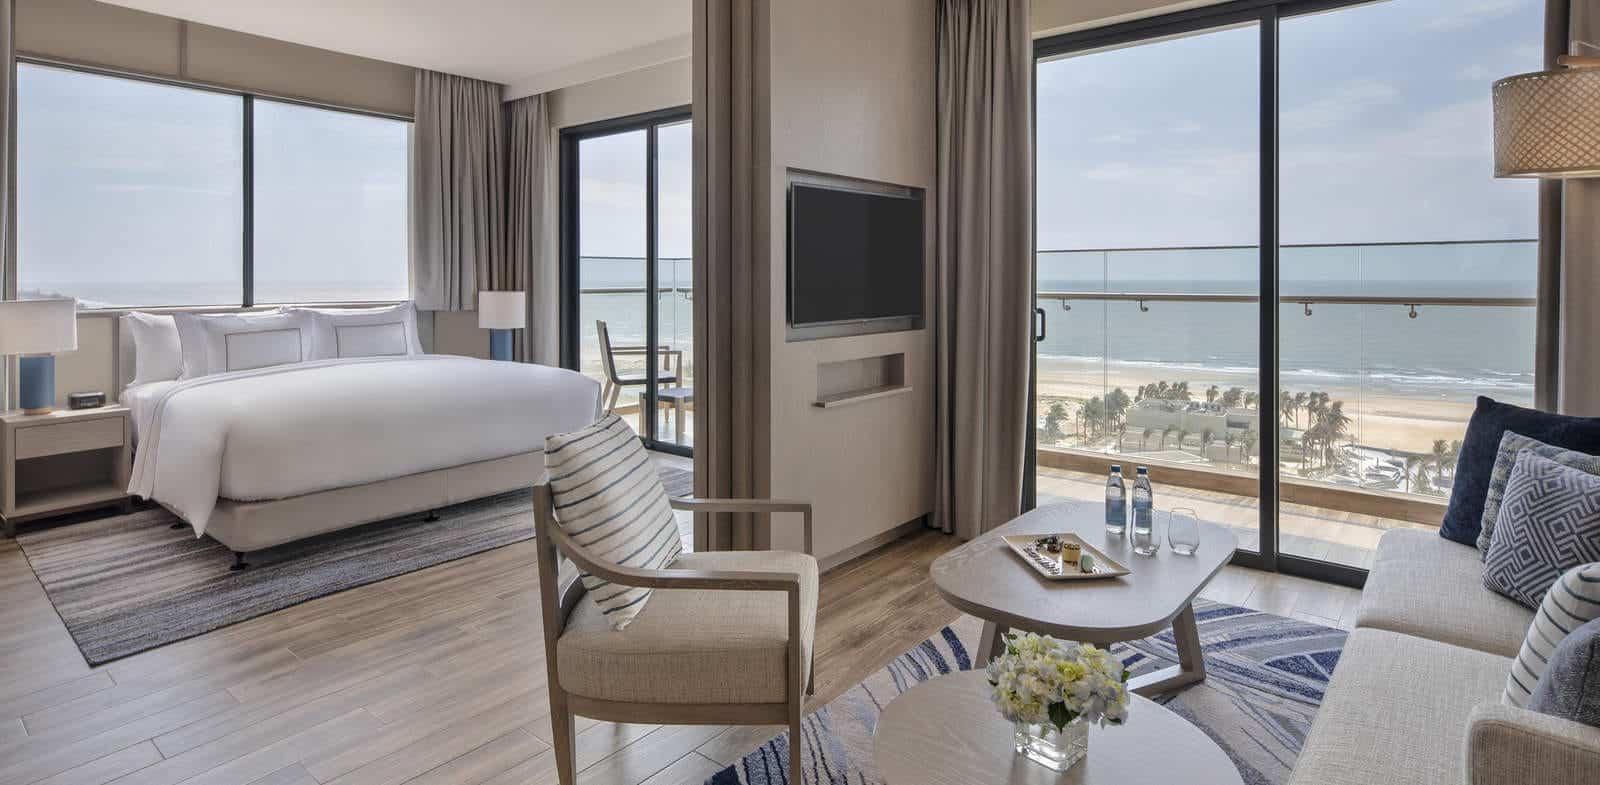 Suit 2 phòng ngủ sở hữu ban công rộng thoáng có tầm nhìn ra biển